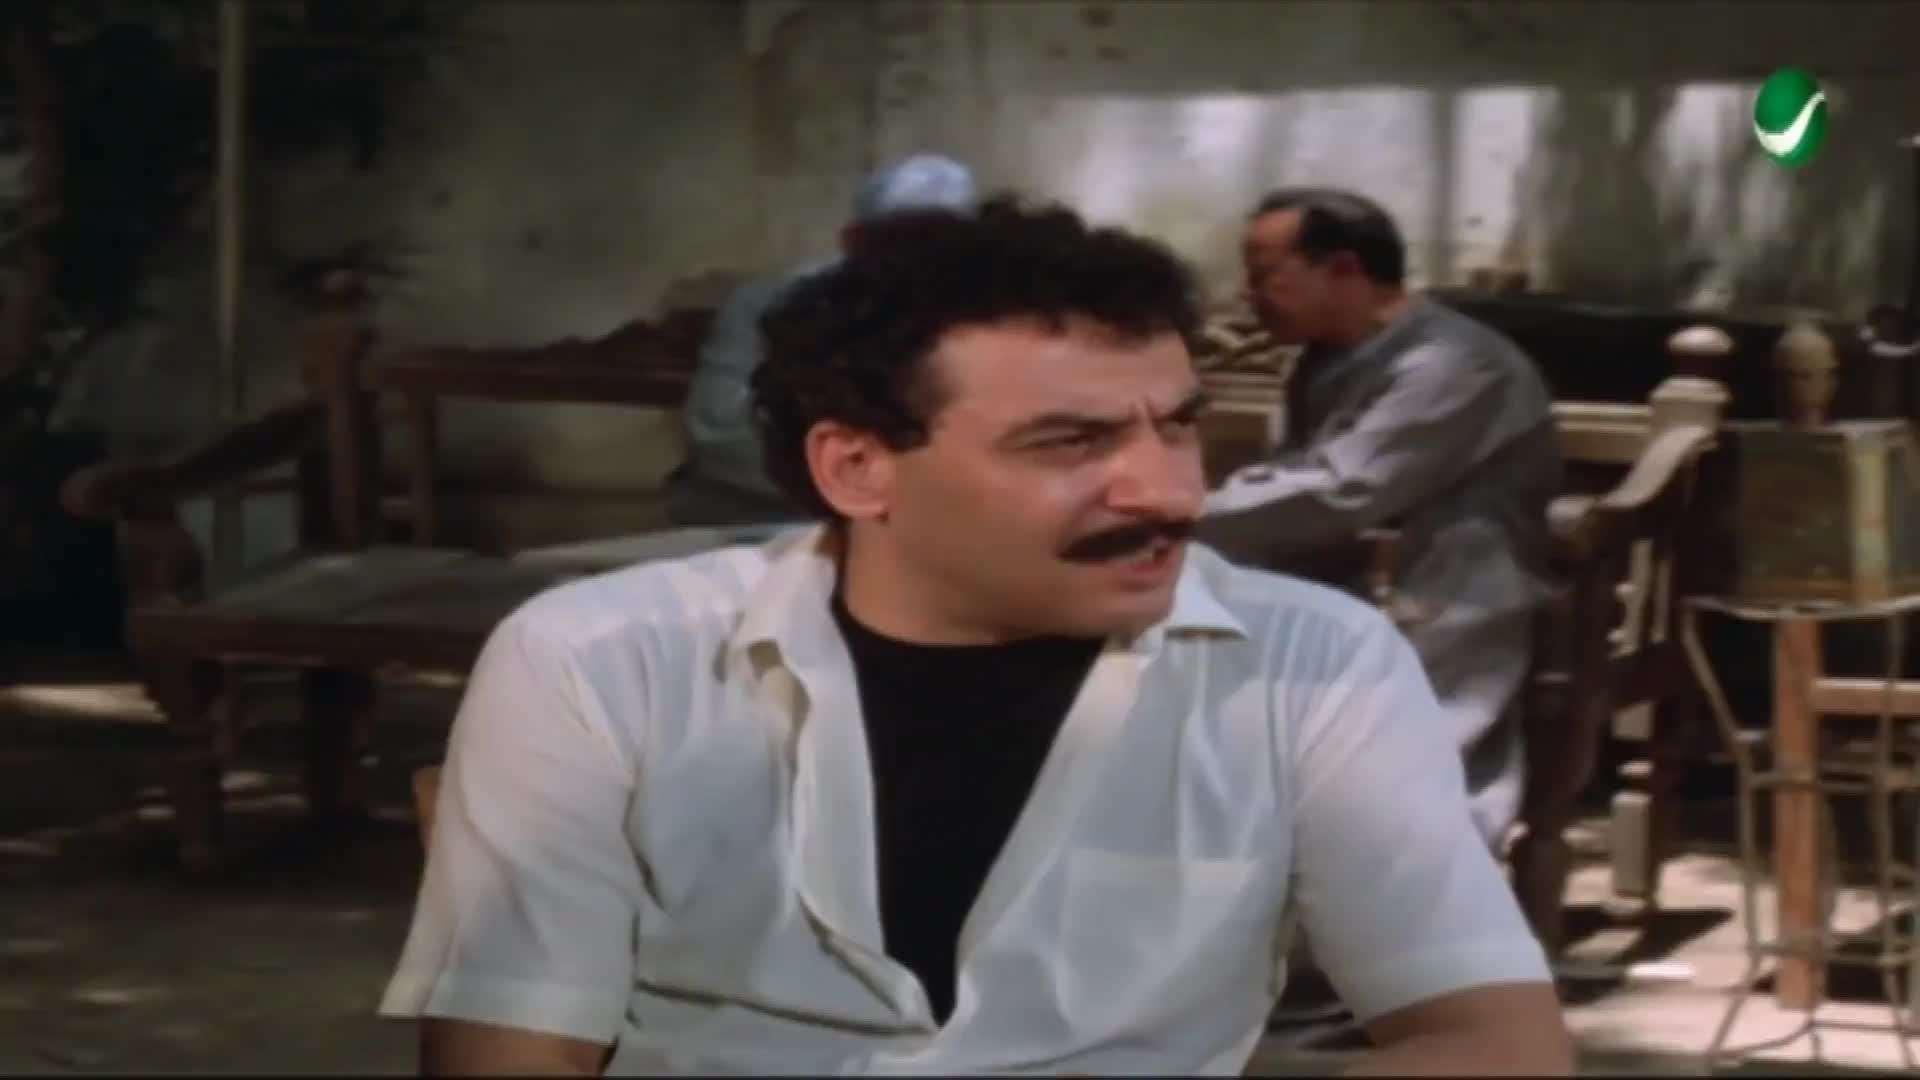 [فيلم][تورنت][تحميل][الجبلاوي][1991][1080p][Web-DL] 3 arabp2p.com